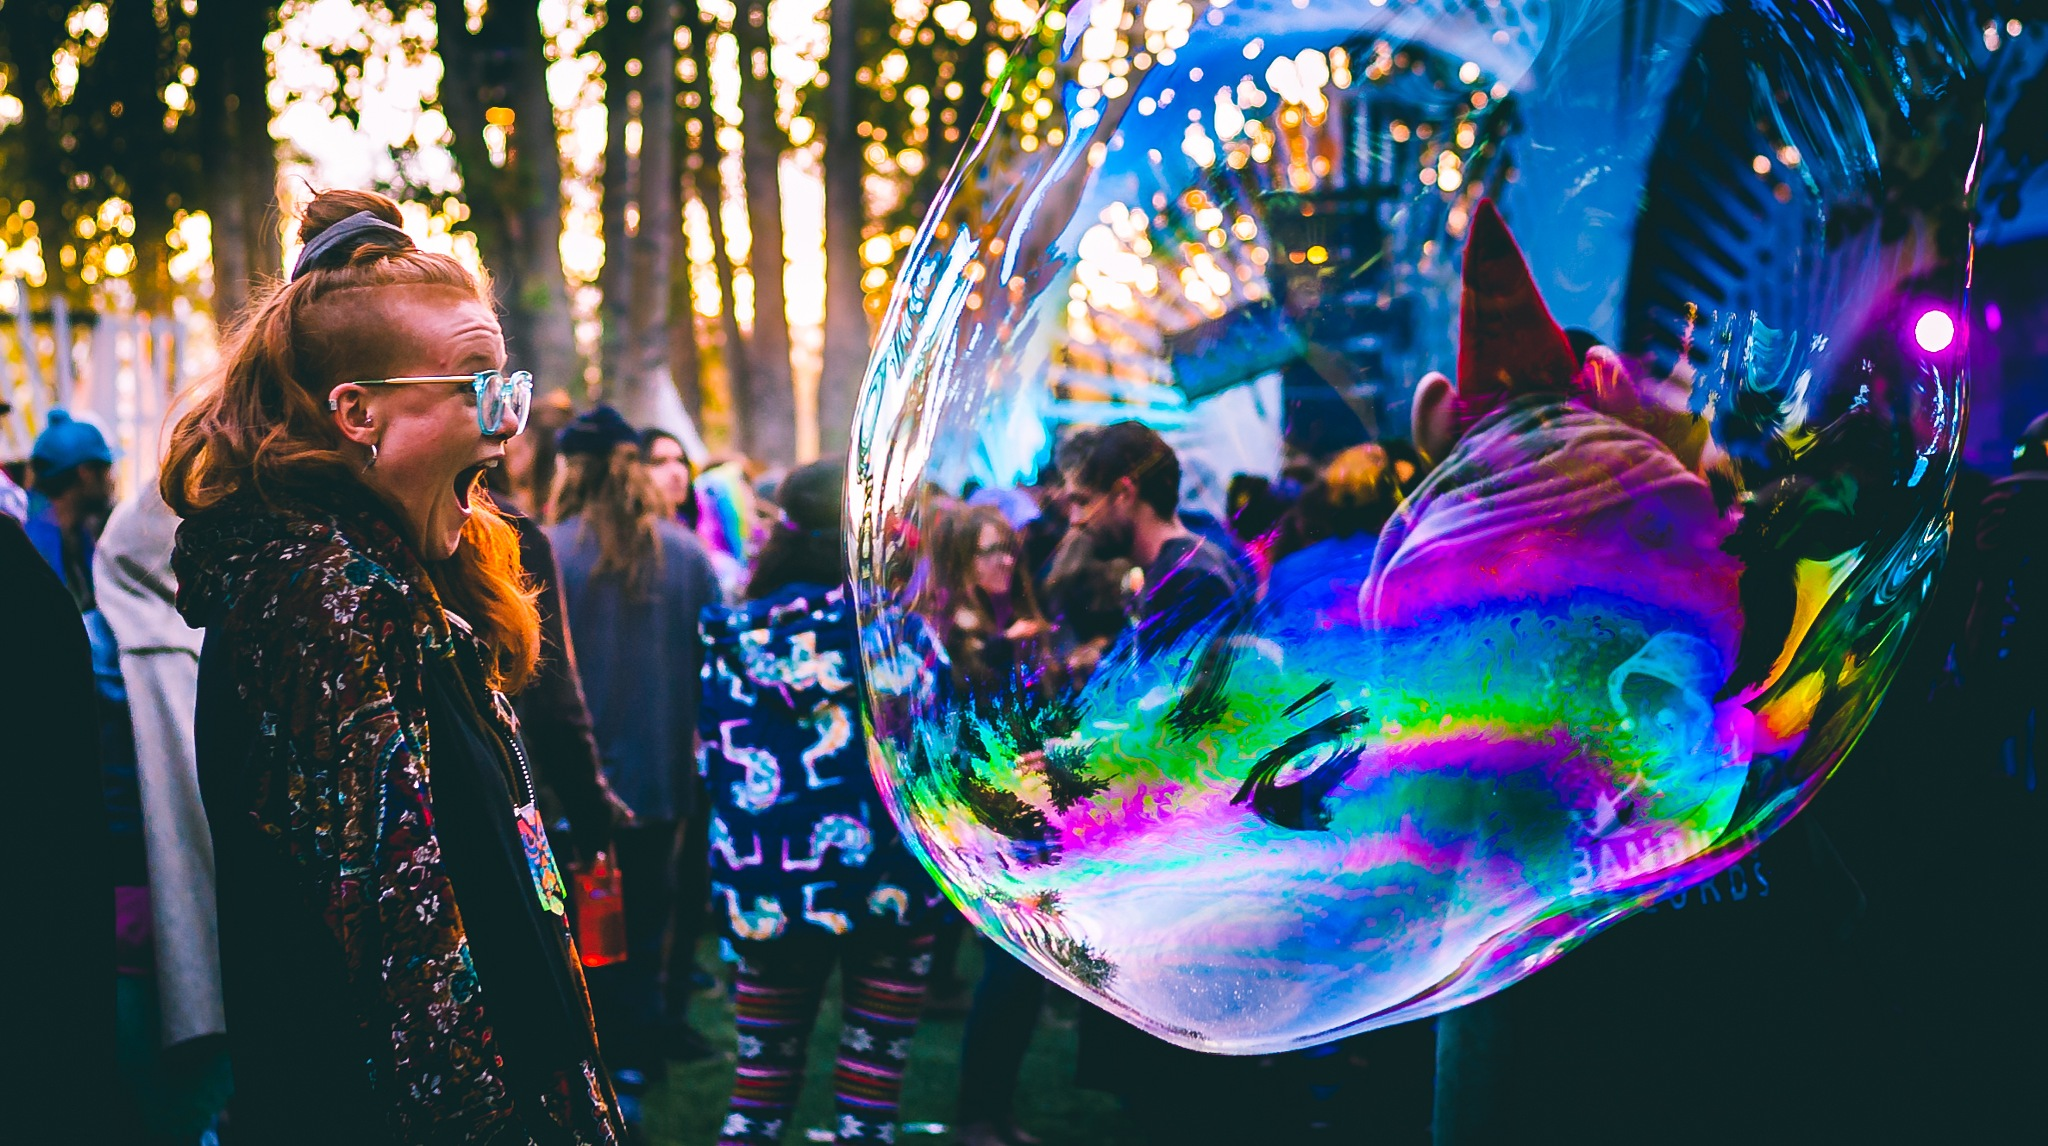 BUBBLE COAST FESTIVAL by Joey Rootman